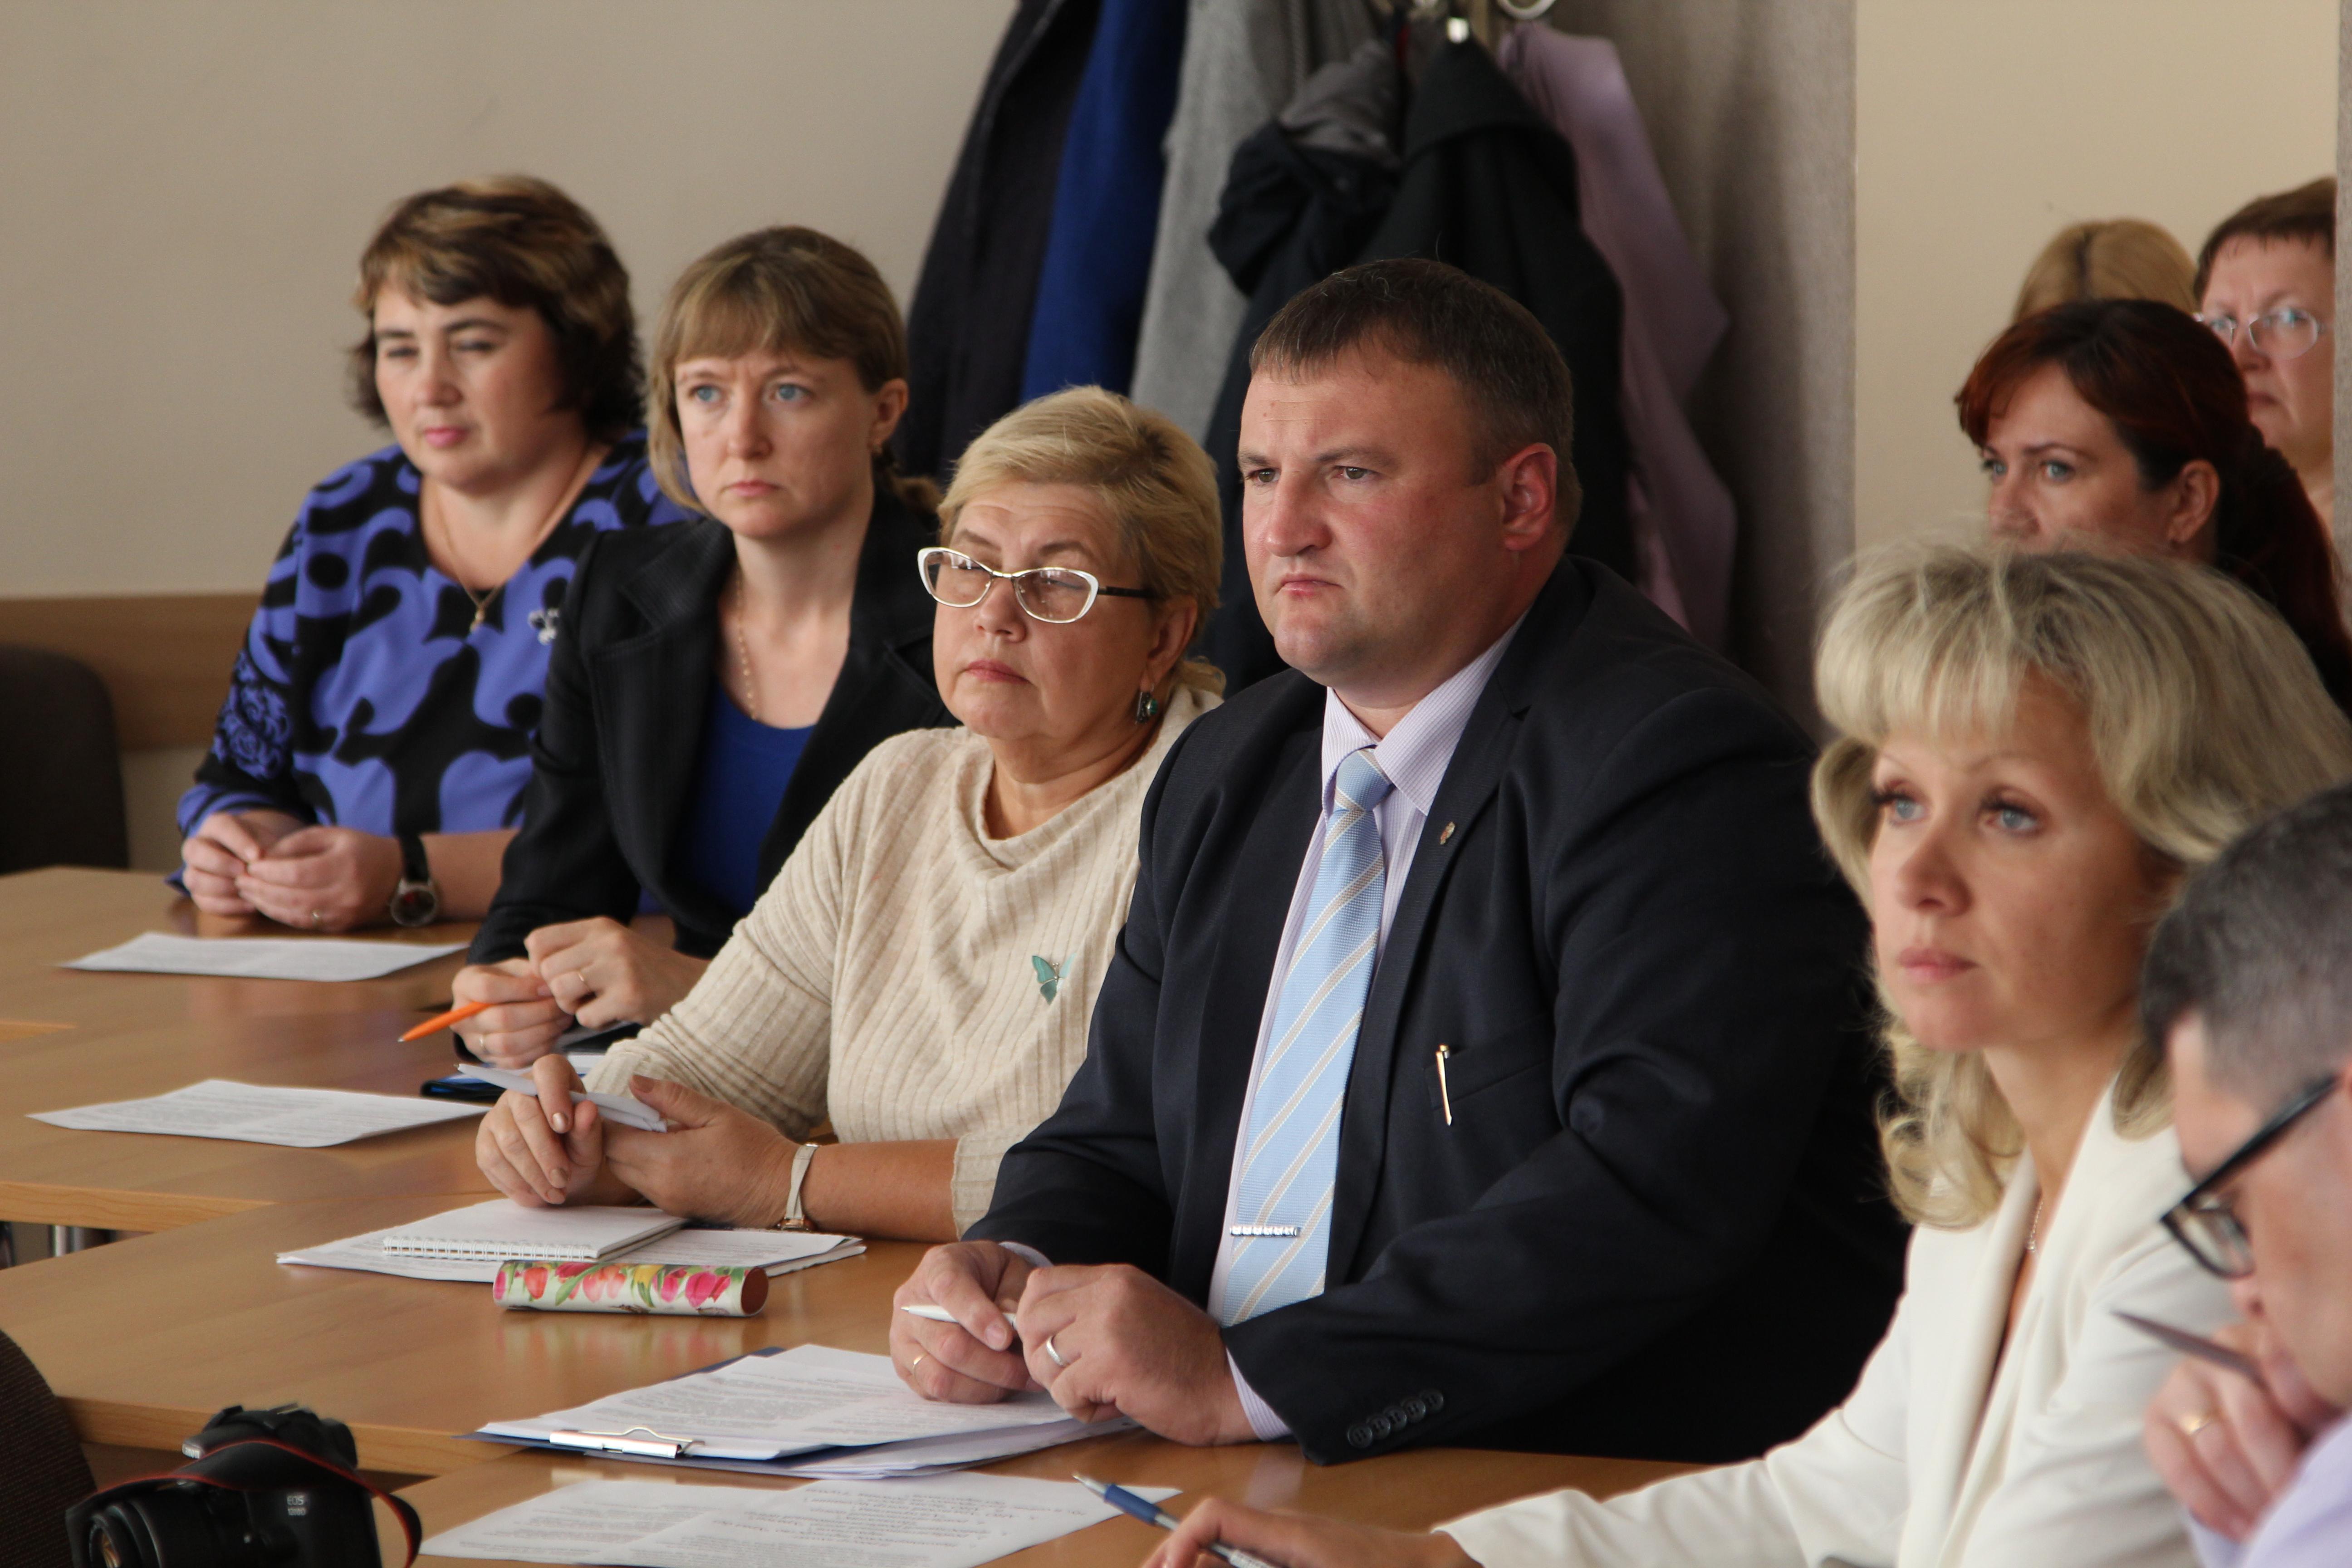 Специалисты «Урала без наркотиков» отметили важность профилактической работы в учебных заведениях Каменска-Уральского